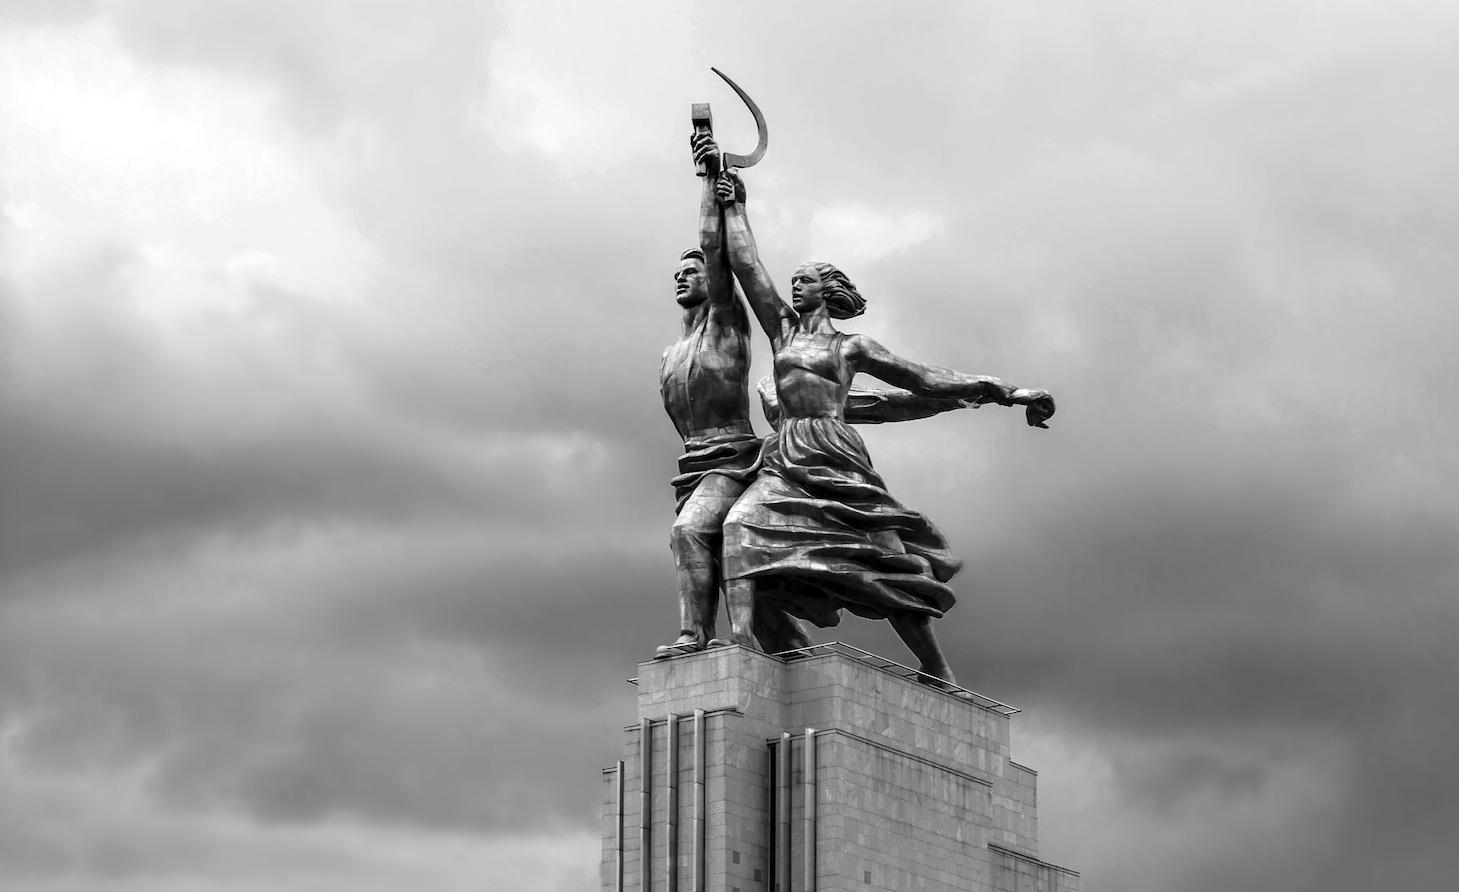 Die 45 Ziele des Kommunismus zur Errichtung der Weltherrschaft: Schulen, Medien, Kirche, TV, Kunst… kontrollieren – und die UN fördern